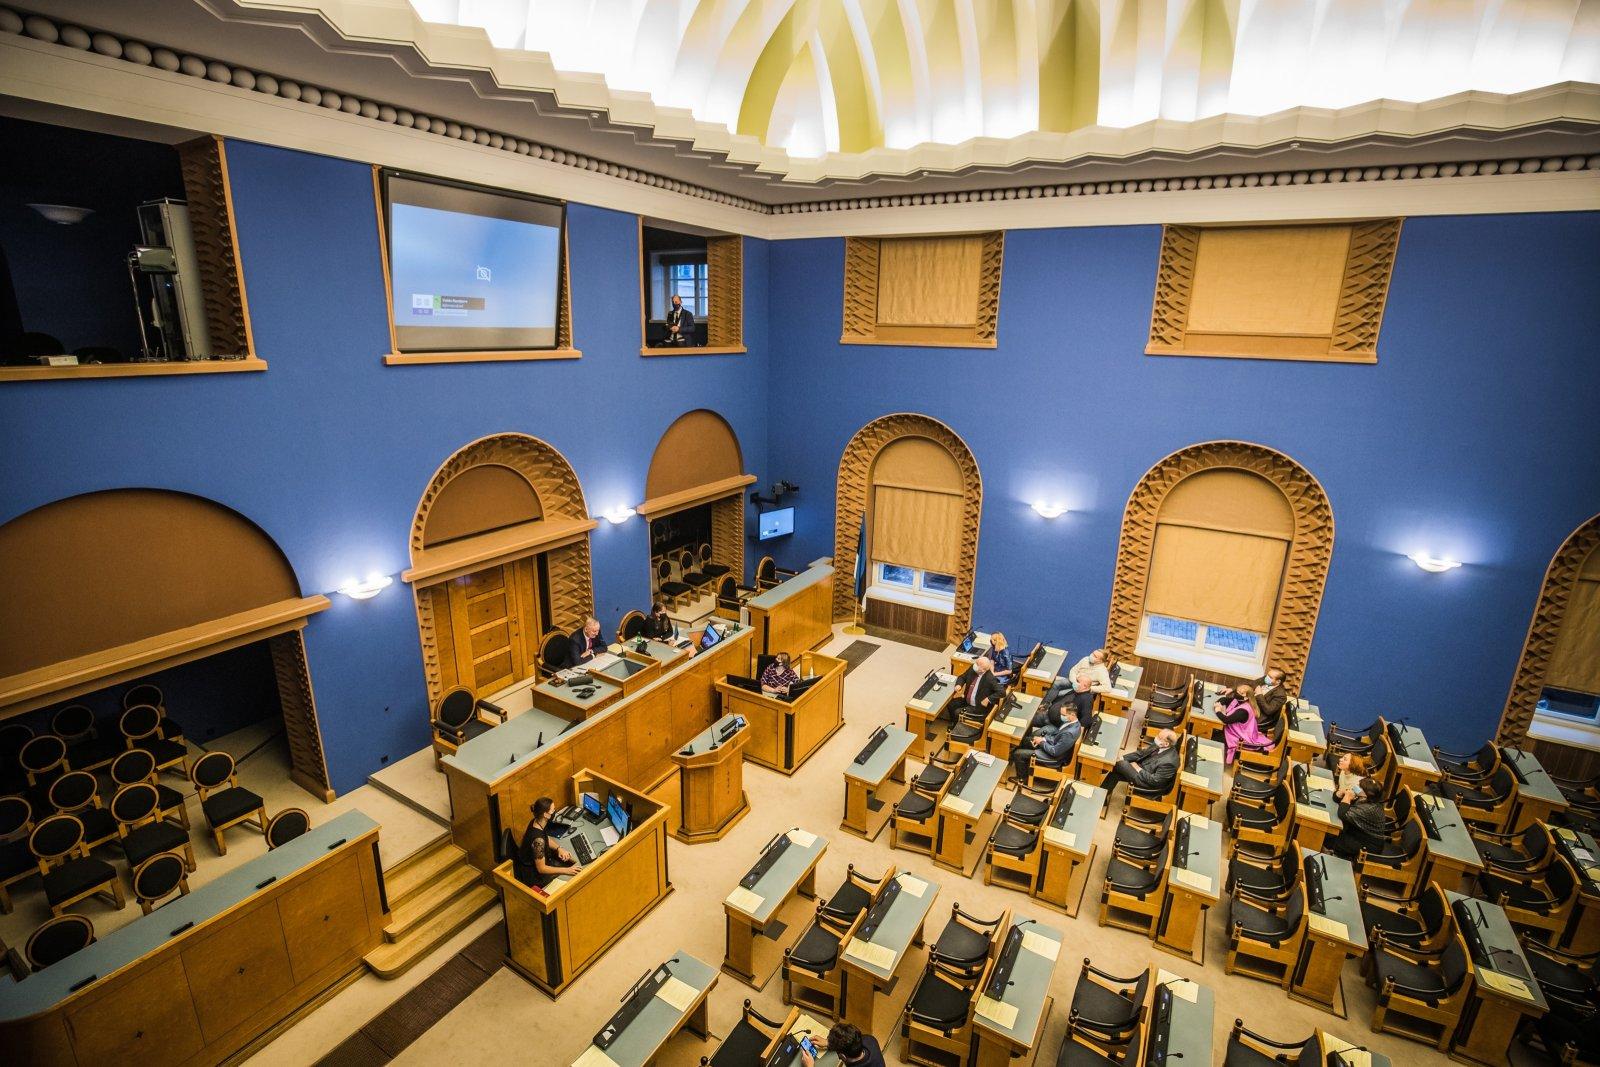 Riigikogu suurde saali jõudis eelnõu, mille eesmärk poliitnõunike rahaasjade avalikustamine